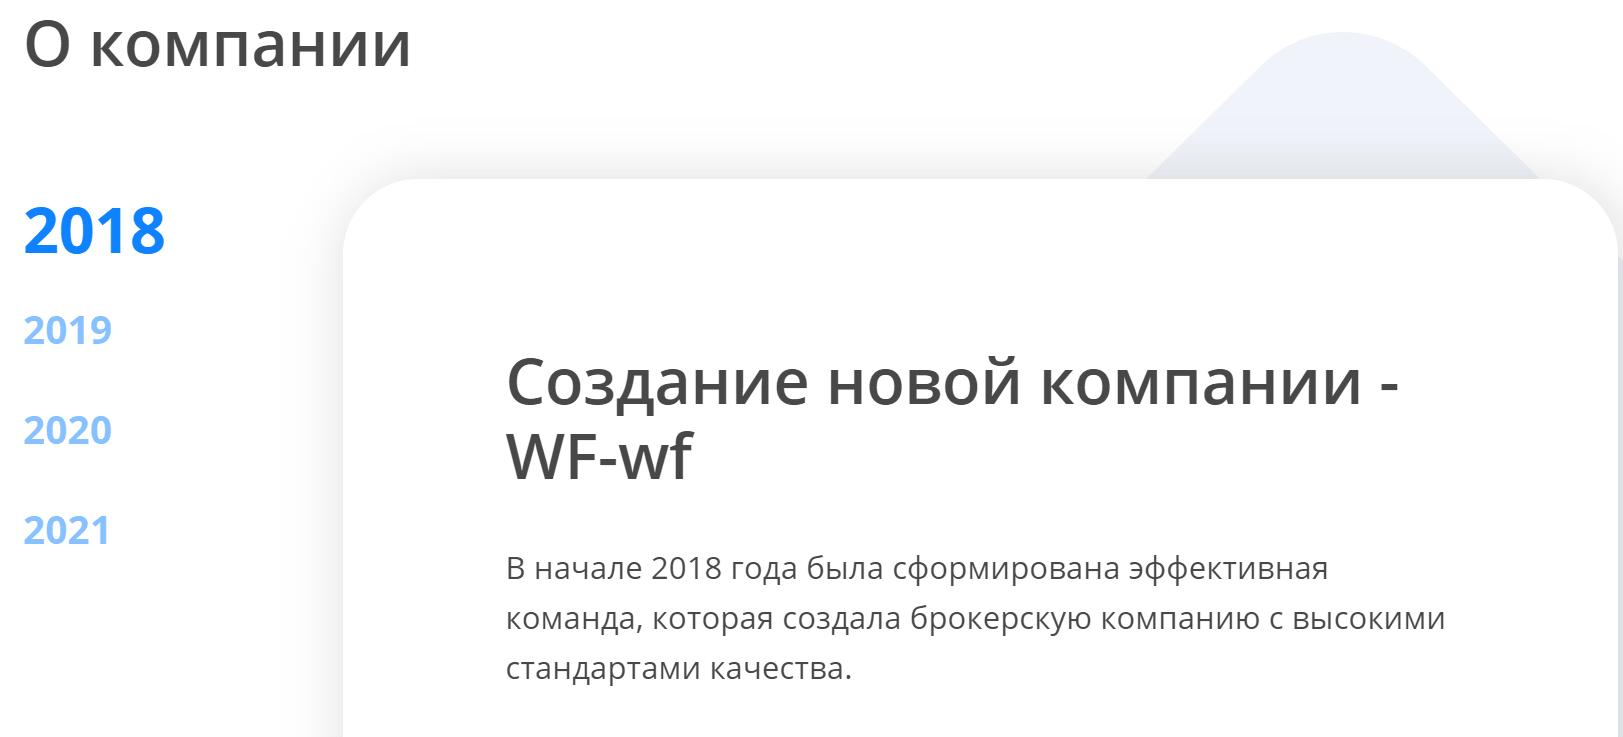 Вся информация о брокере WF-wf, Фото № 3 - 1-consult.net